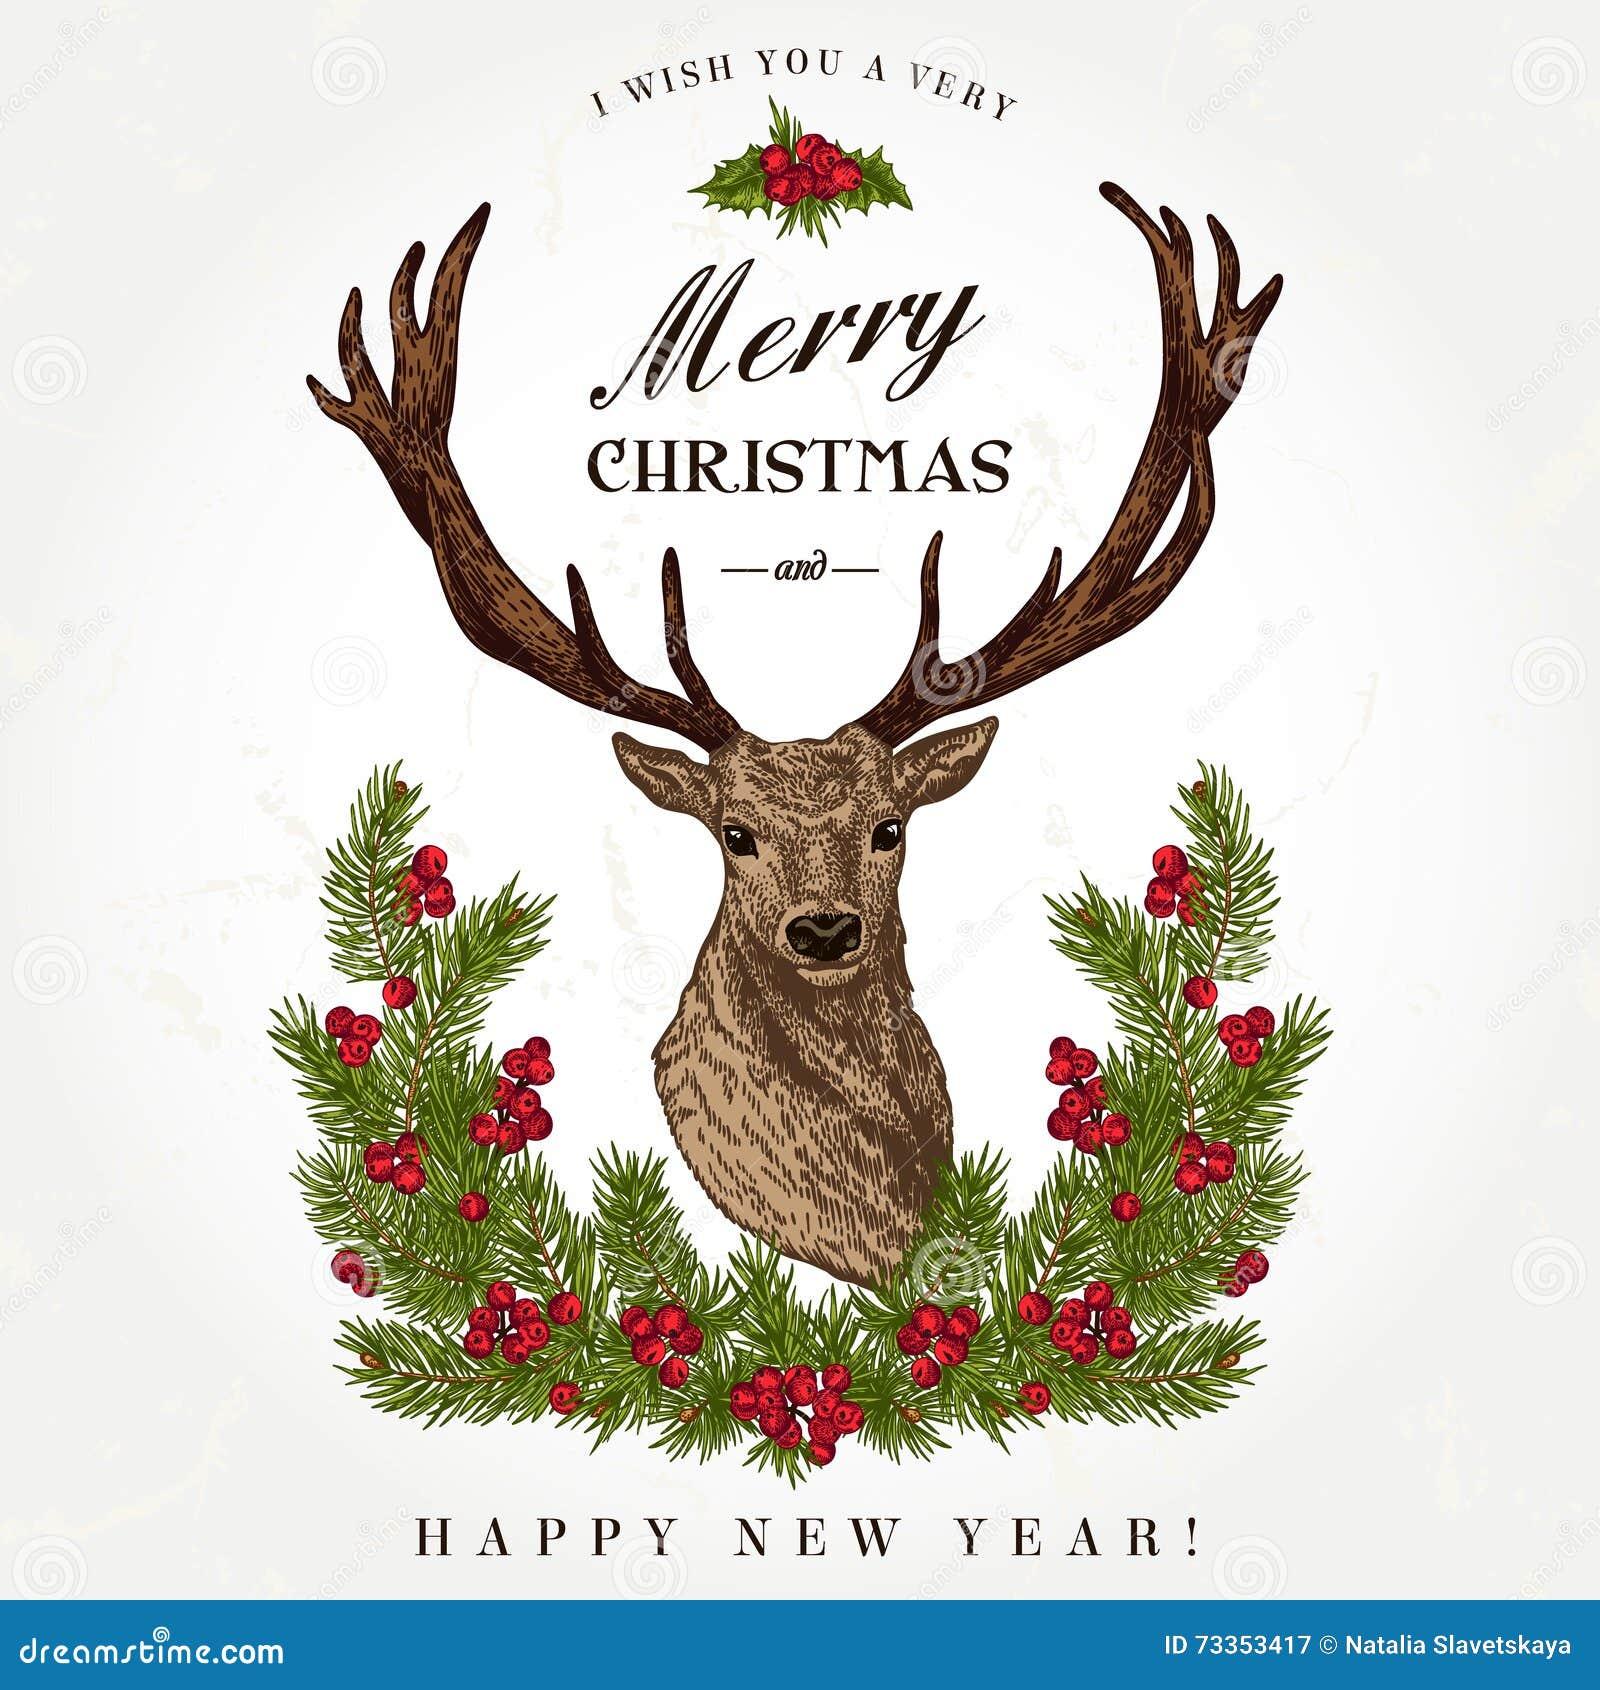 tarjeta de navidad con un ciervo ilustraci n del vector